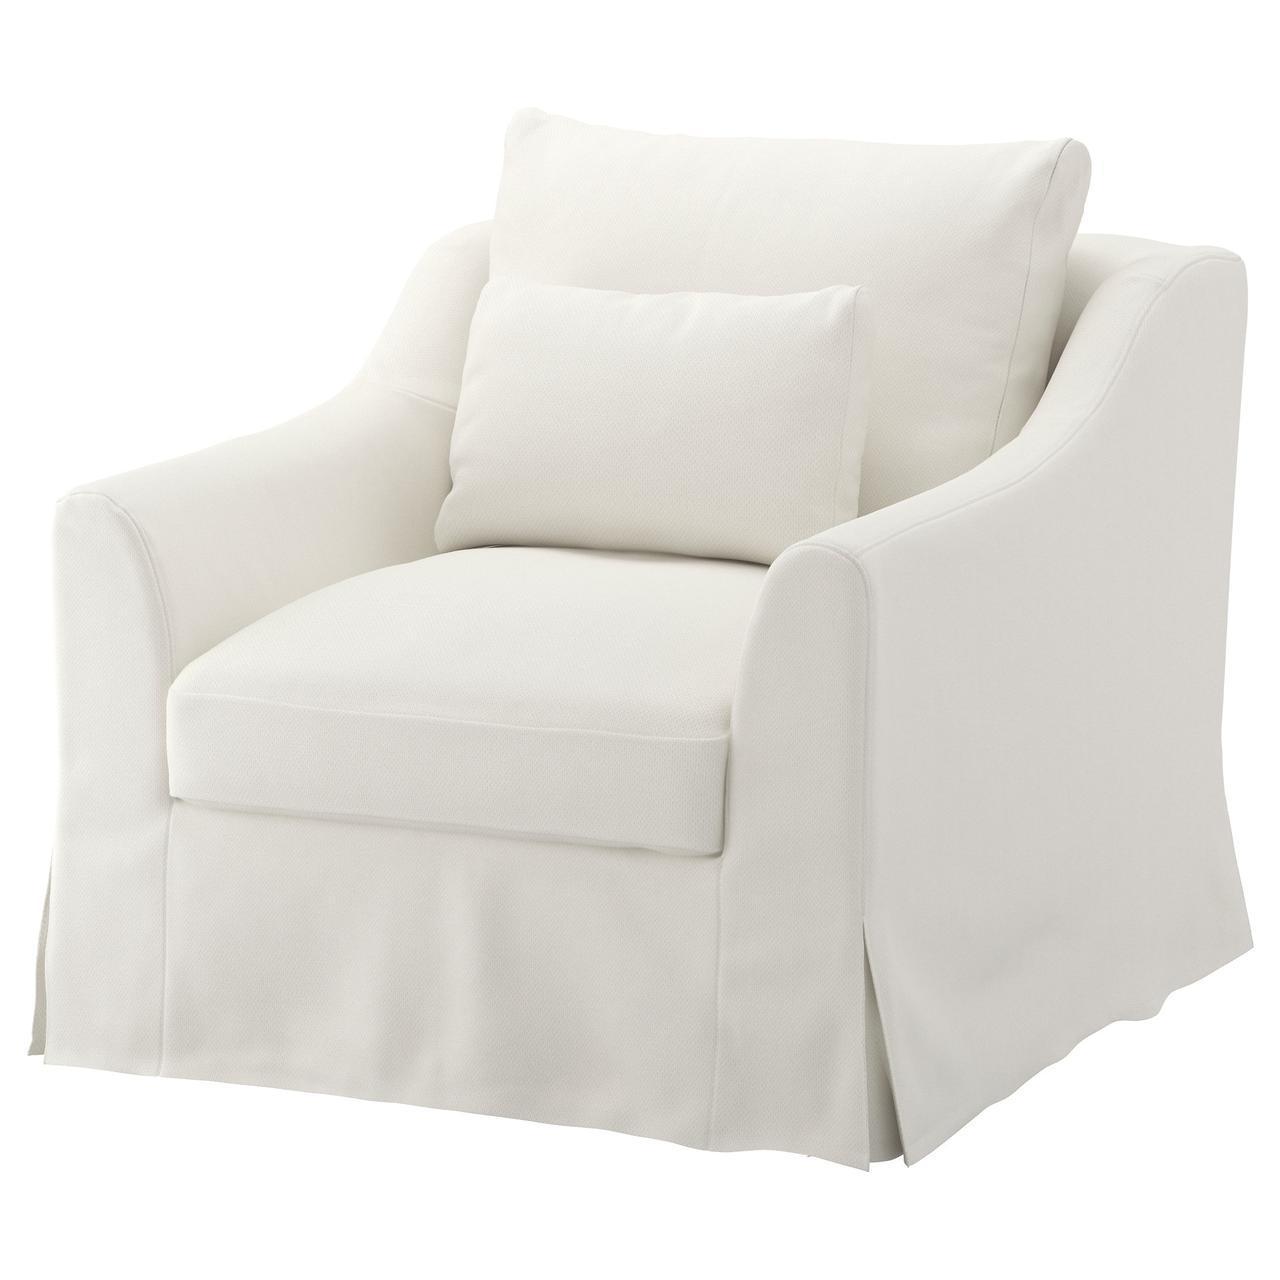 Кресло IKEA FÄRLÖV Flodafors белое 491.917.05